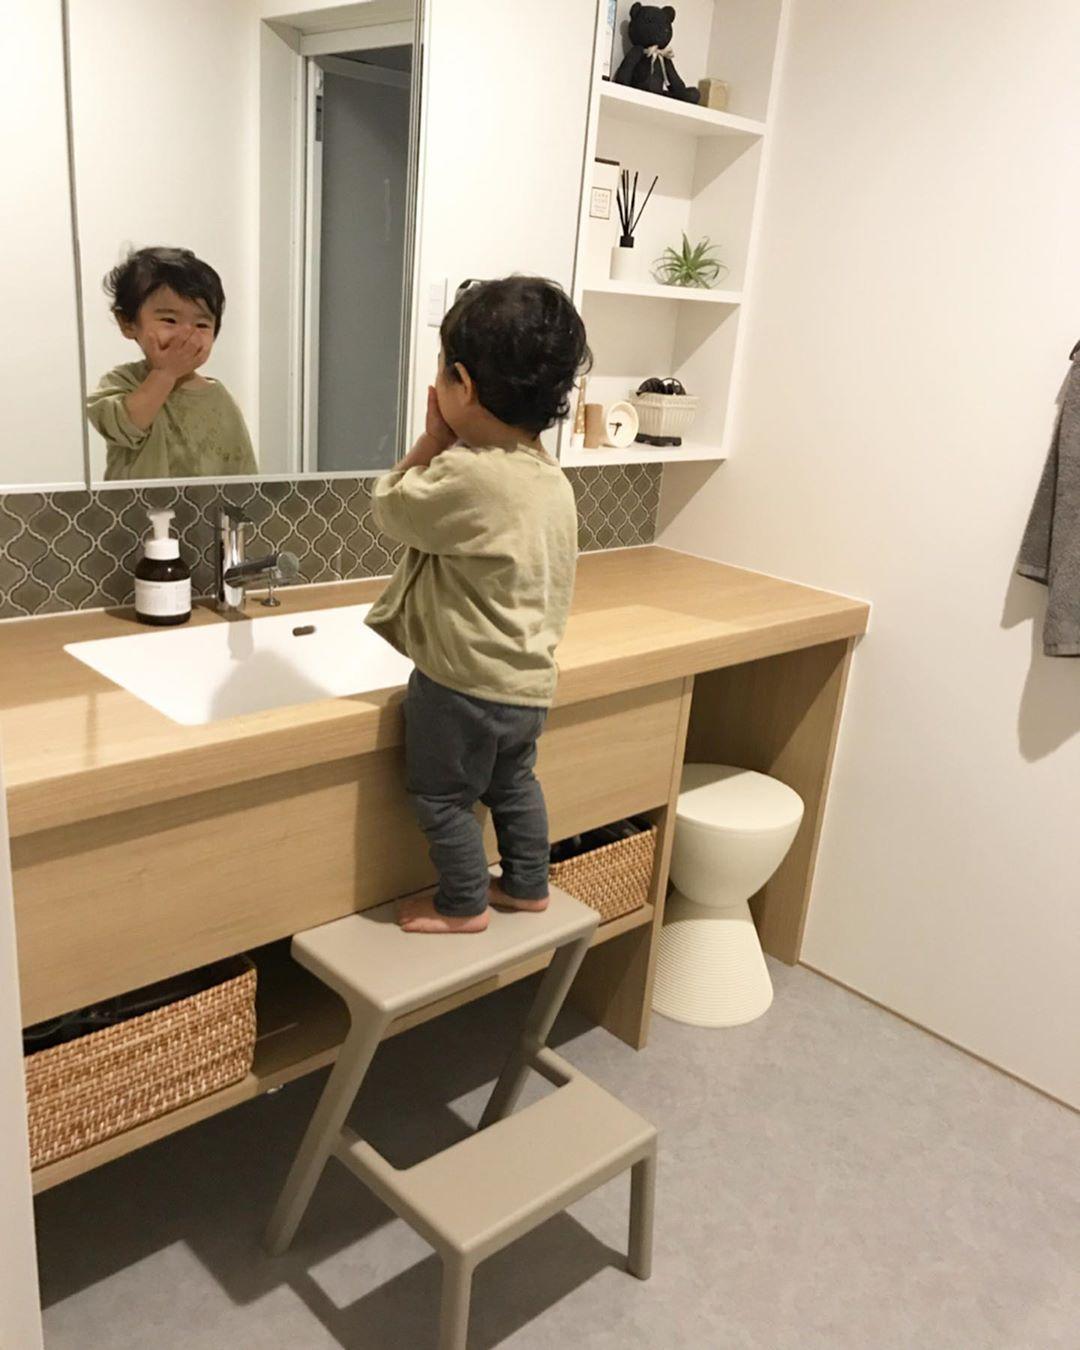 𝚢𝚞𝚔𝚒𖢒はinstagramを利用しています 子供ステップ 洗面所のステップは Ikeaのものを使っています うちのチビっこ息子は 身長が81 1段のでは届くはずもなく 2段ものを買いました 形もキレイだし 何よりこの淡いベージュが可愛くて